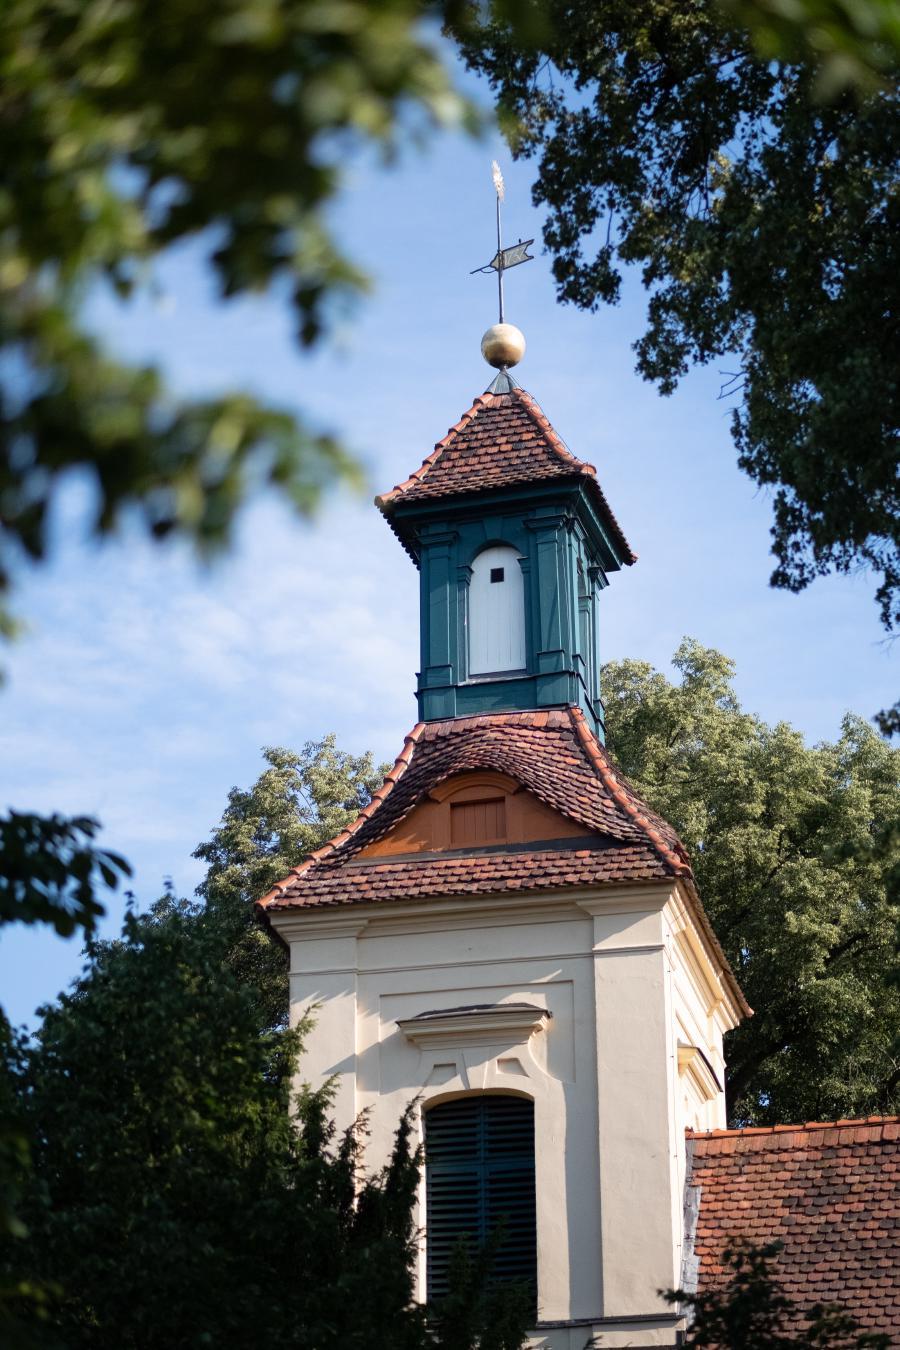 Turmspitze und Wetterfahne der Kirche Schönwalde Dorf